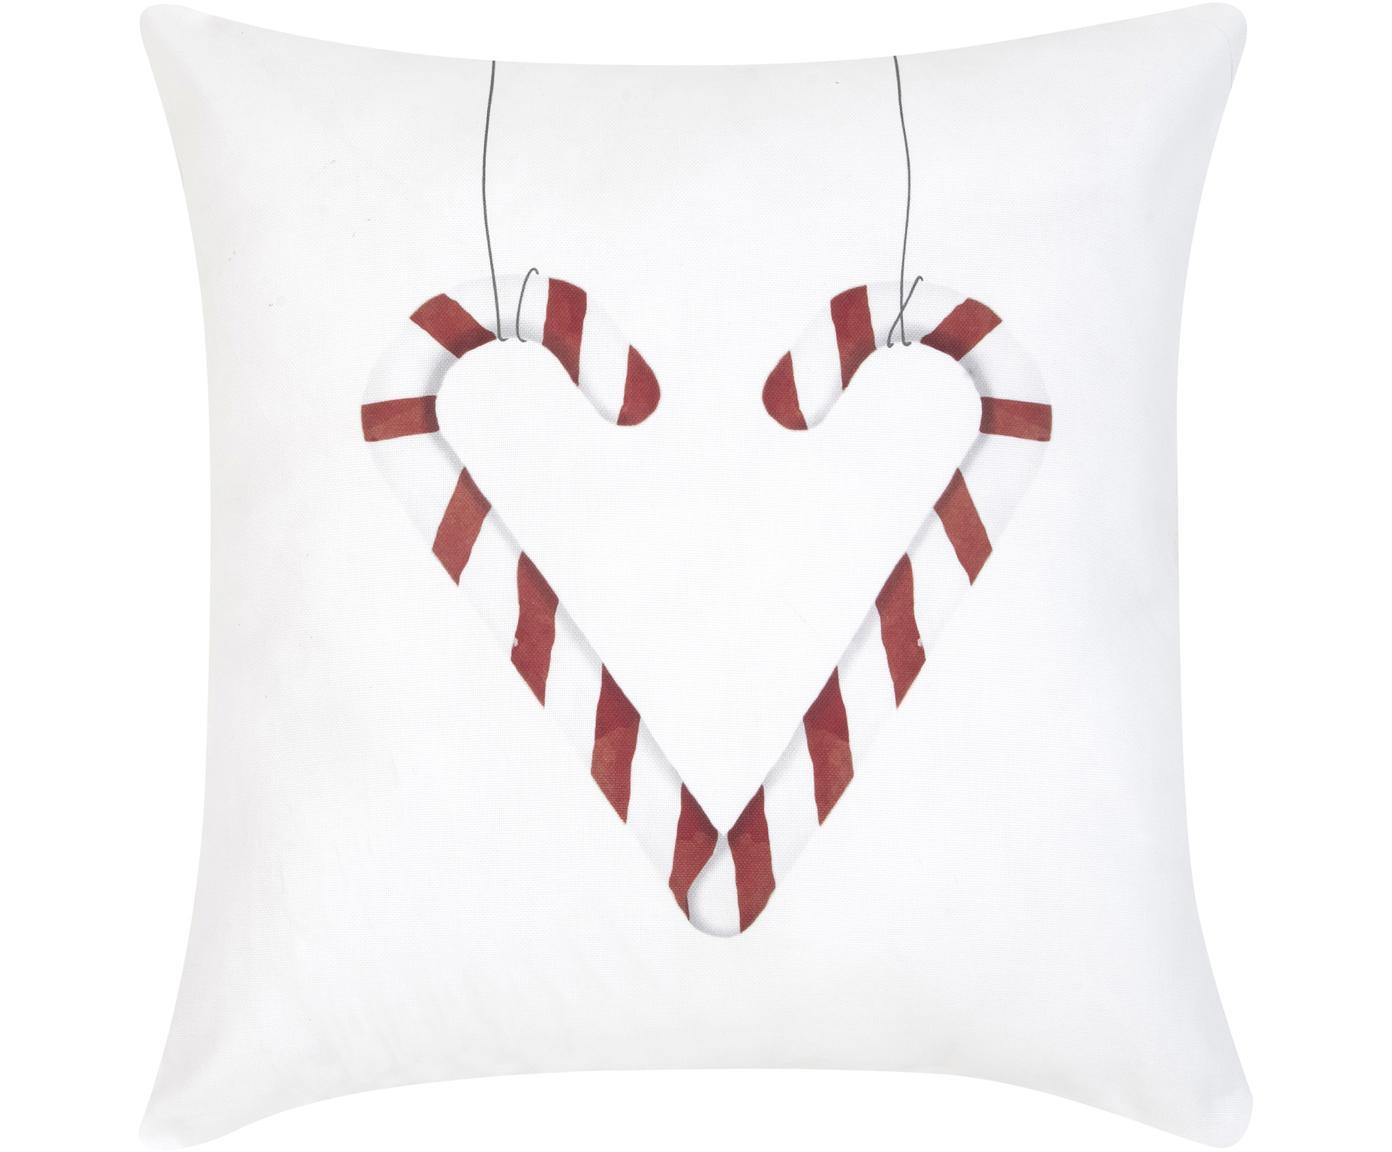 Kissenhülle Cupid mit Zuckerstangenherz, Baumwolle, Rot, Schwarz, Weiß, 40 x 40 cm